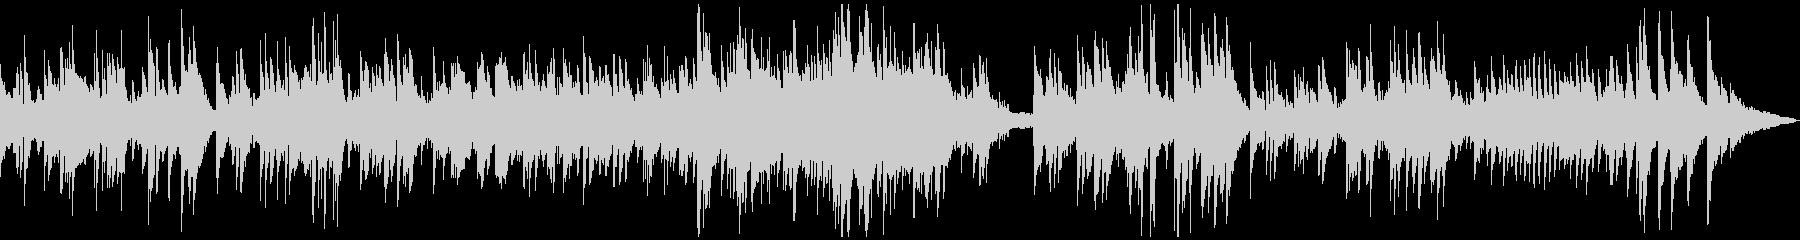 ゆったり温かなアコースティックサウンドの未再生の波形